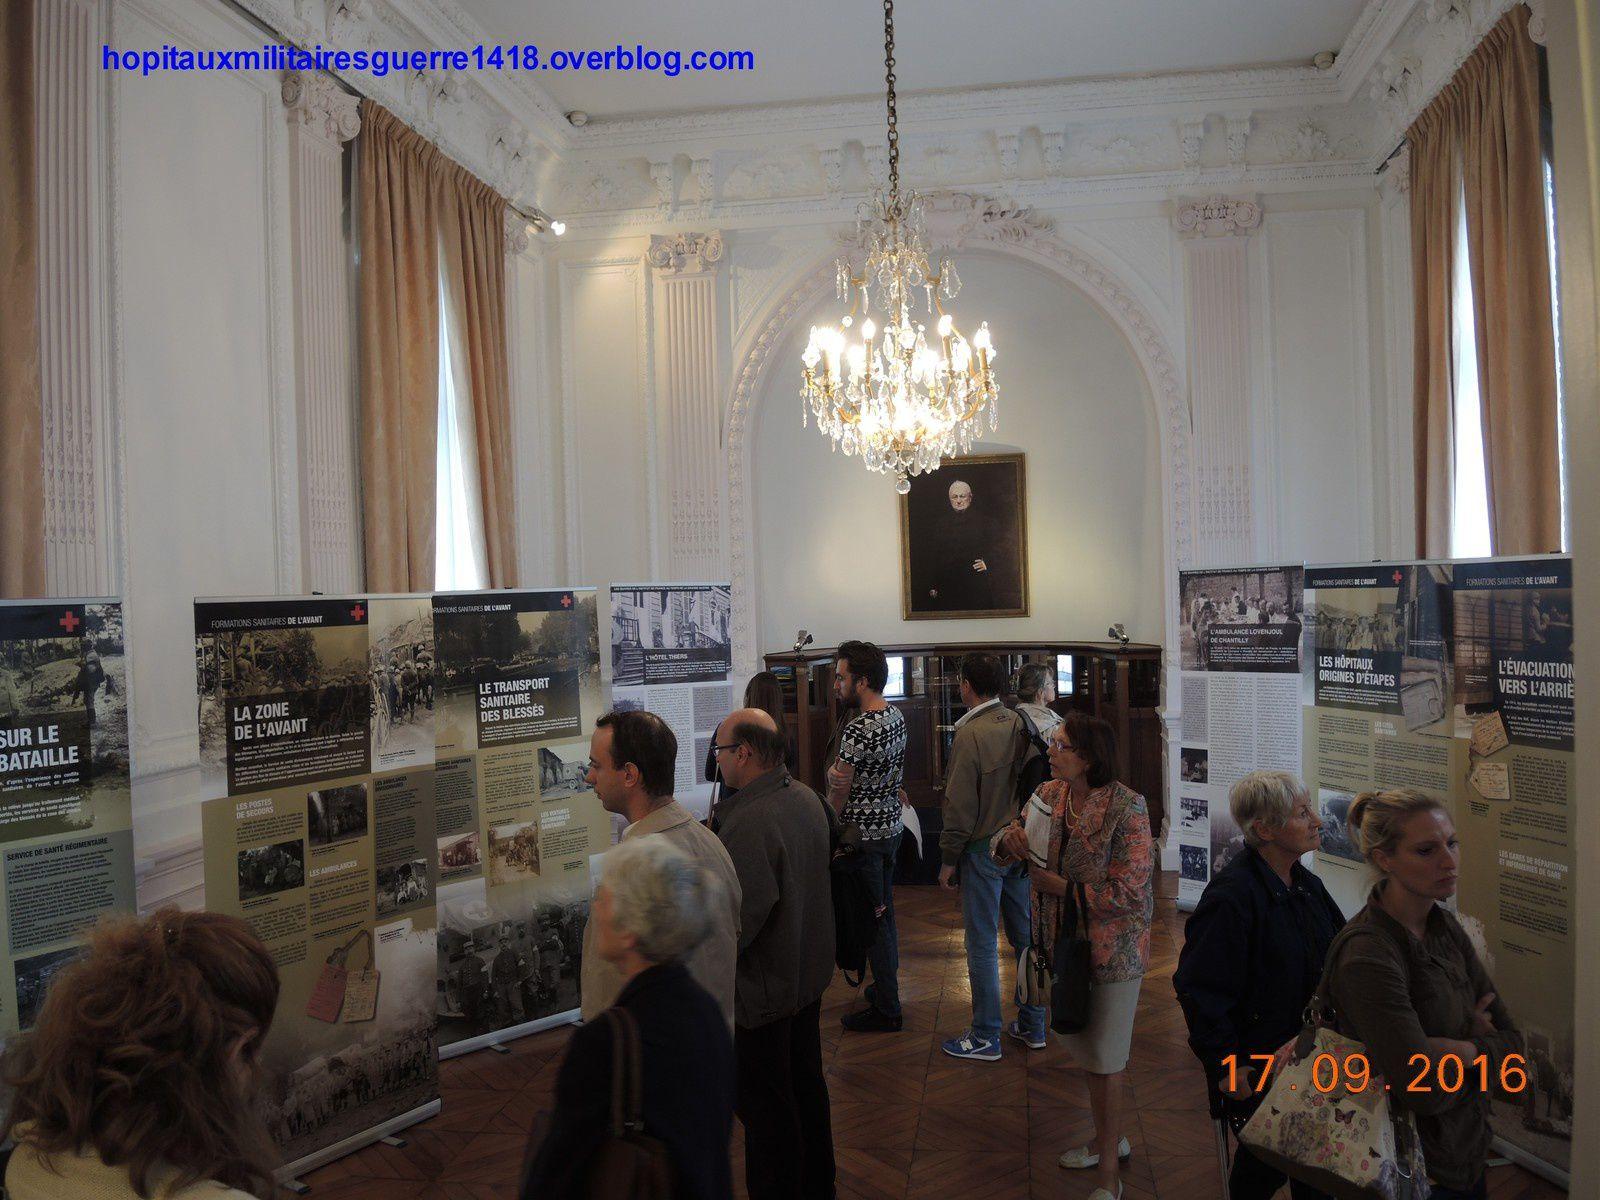 Vue de l'exposition sur le service de santé militaire à l'Hôtal Thiers qui a accueilli plus de 3300 visiteurs en deux jours.